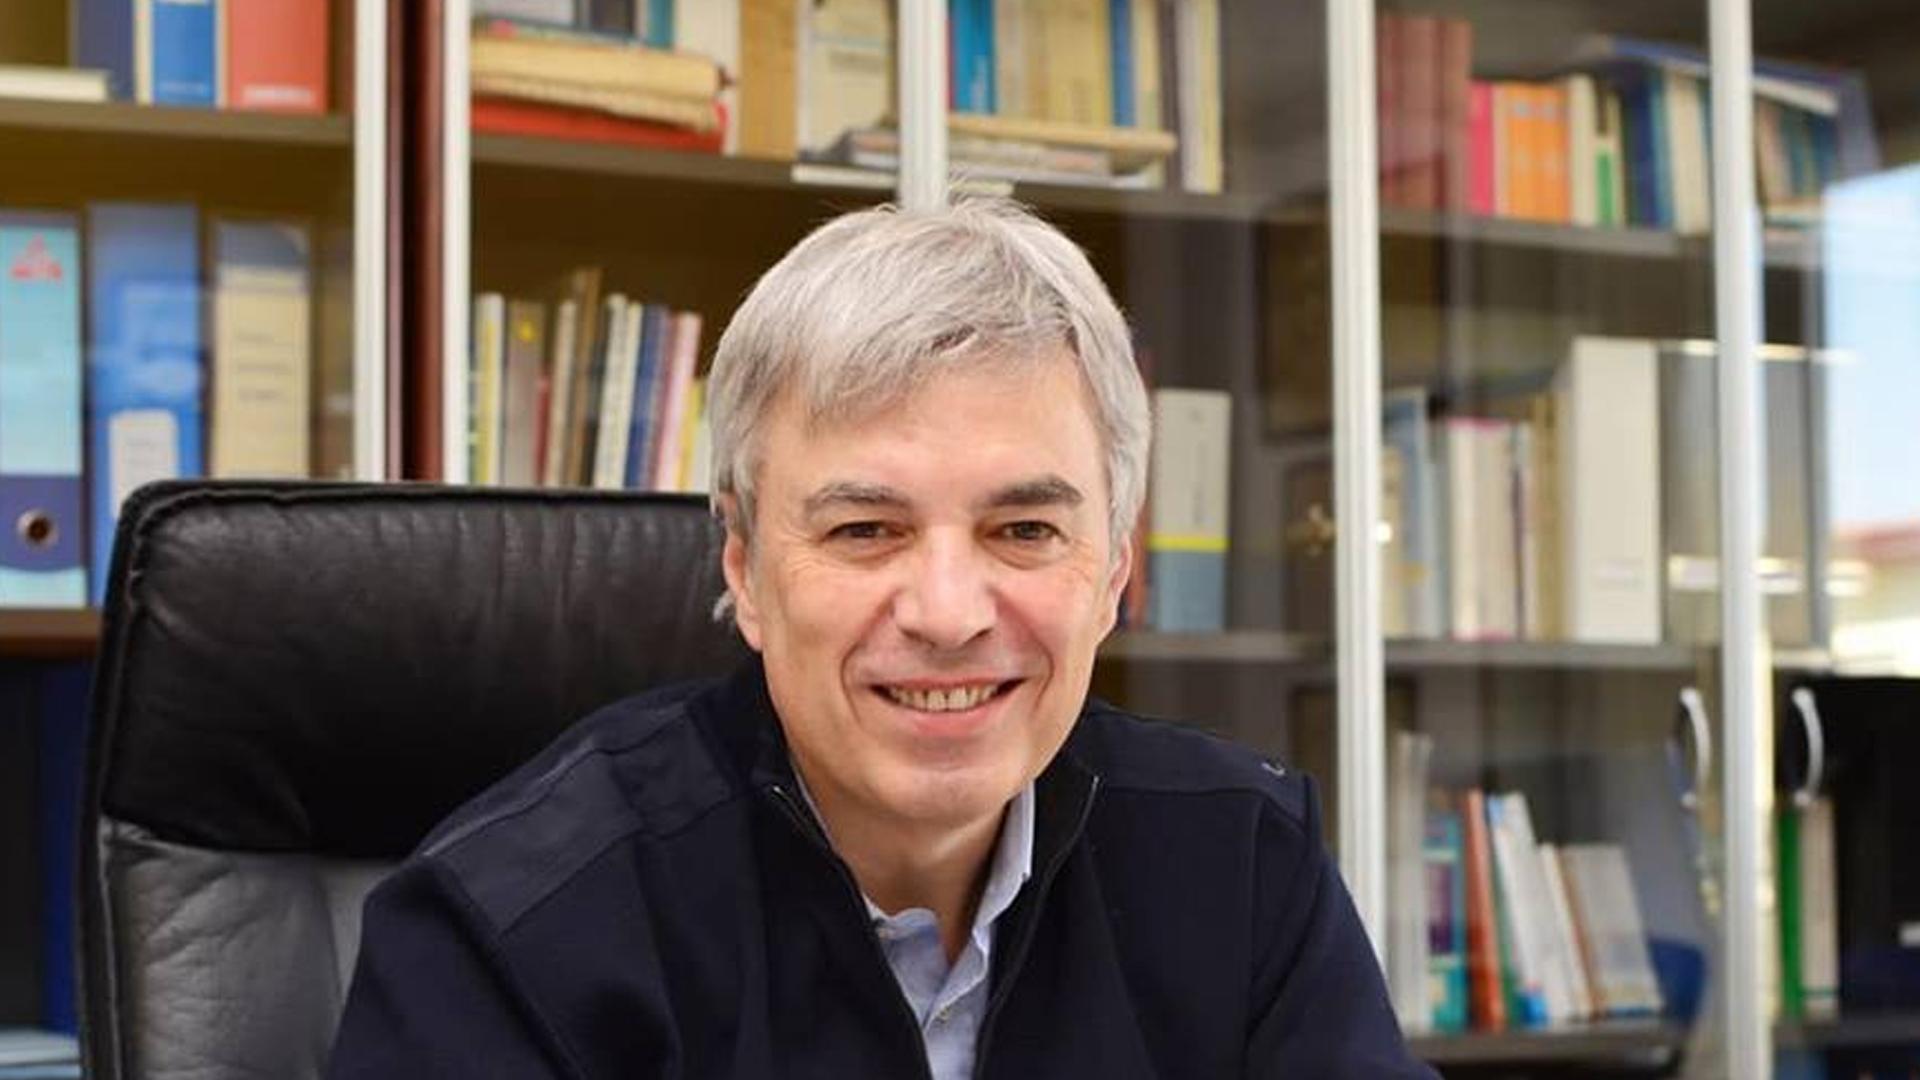 Scafati. L'ingegnere Michele Russo è il nuovo presidente della Commissione Garanzia